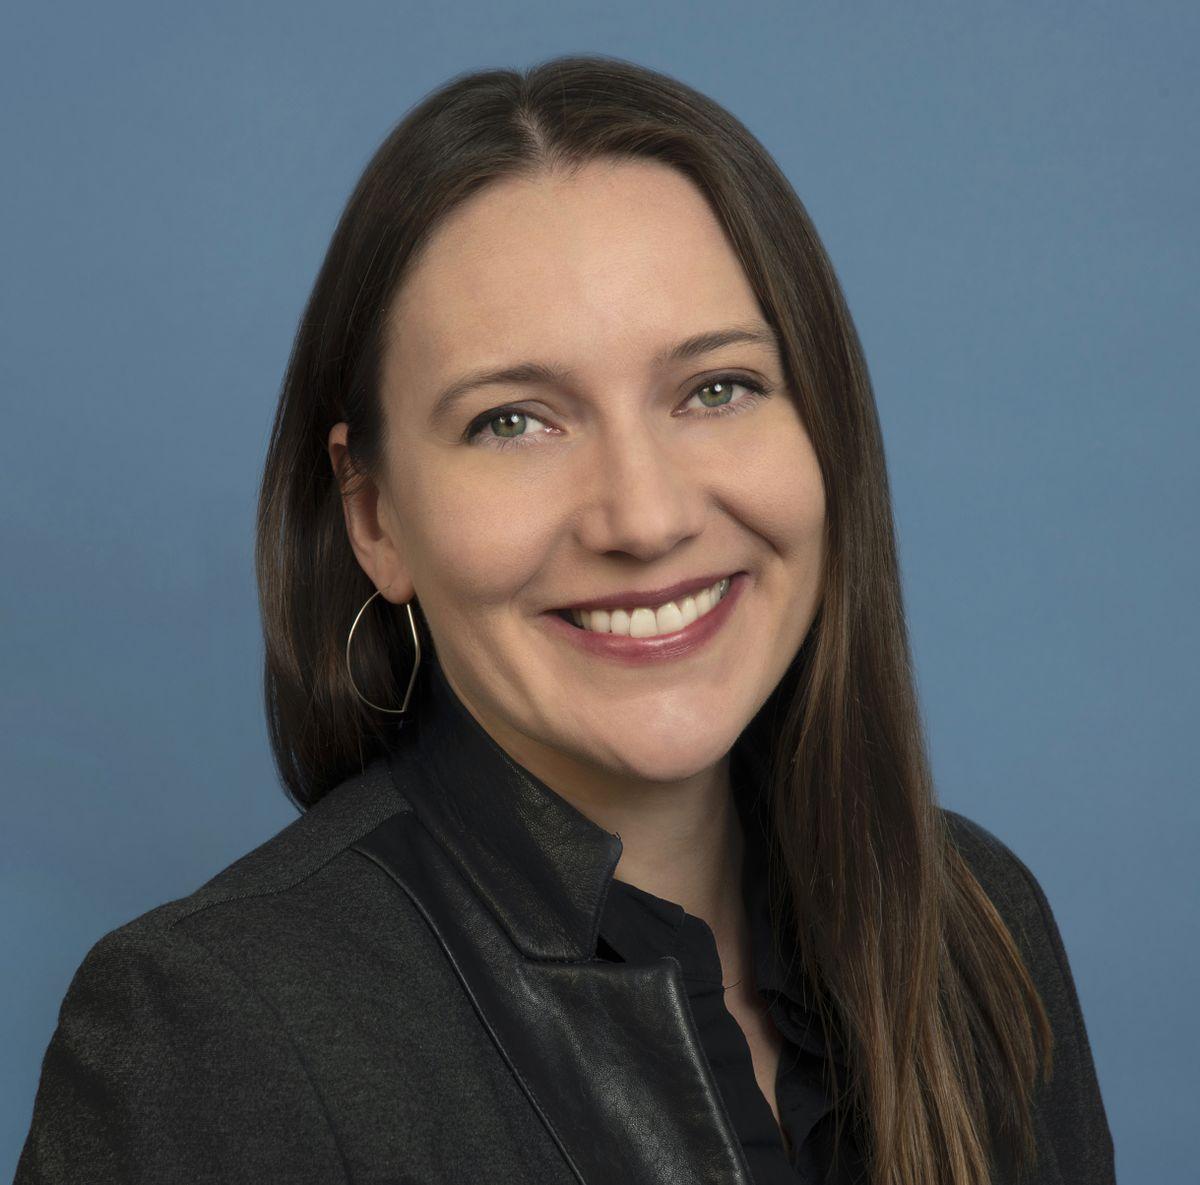 Kathleen Van Dyk